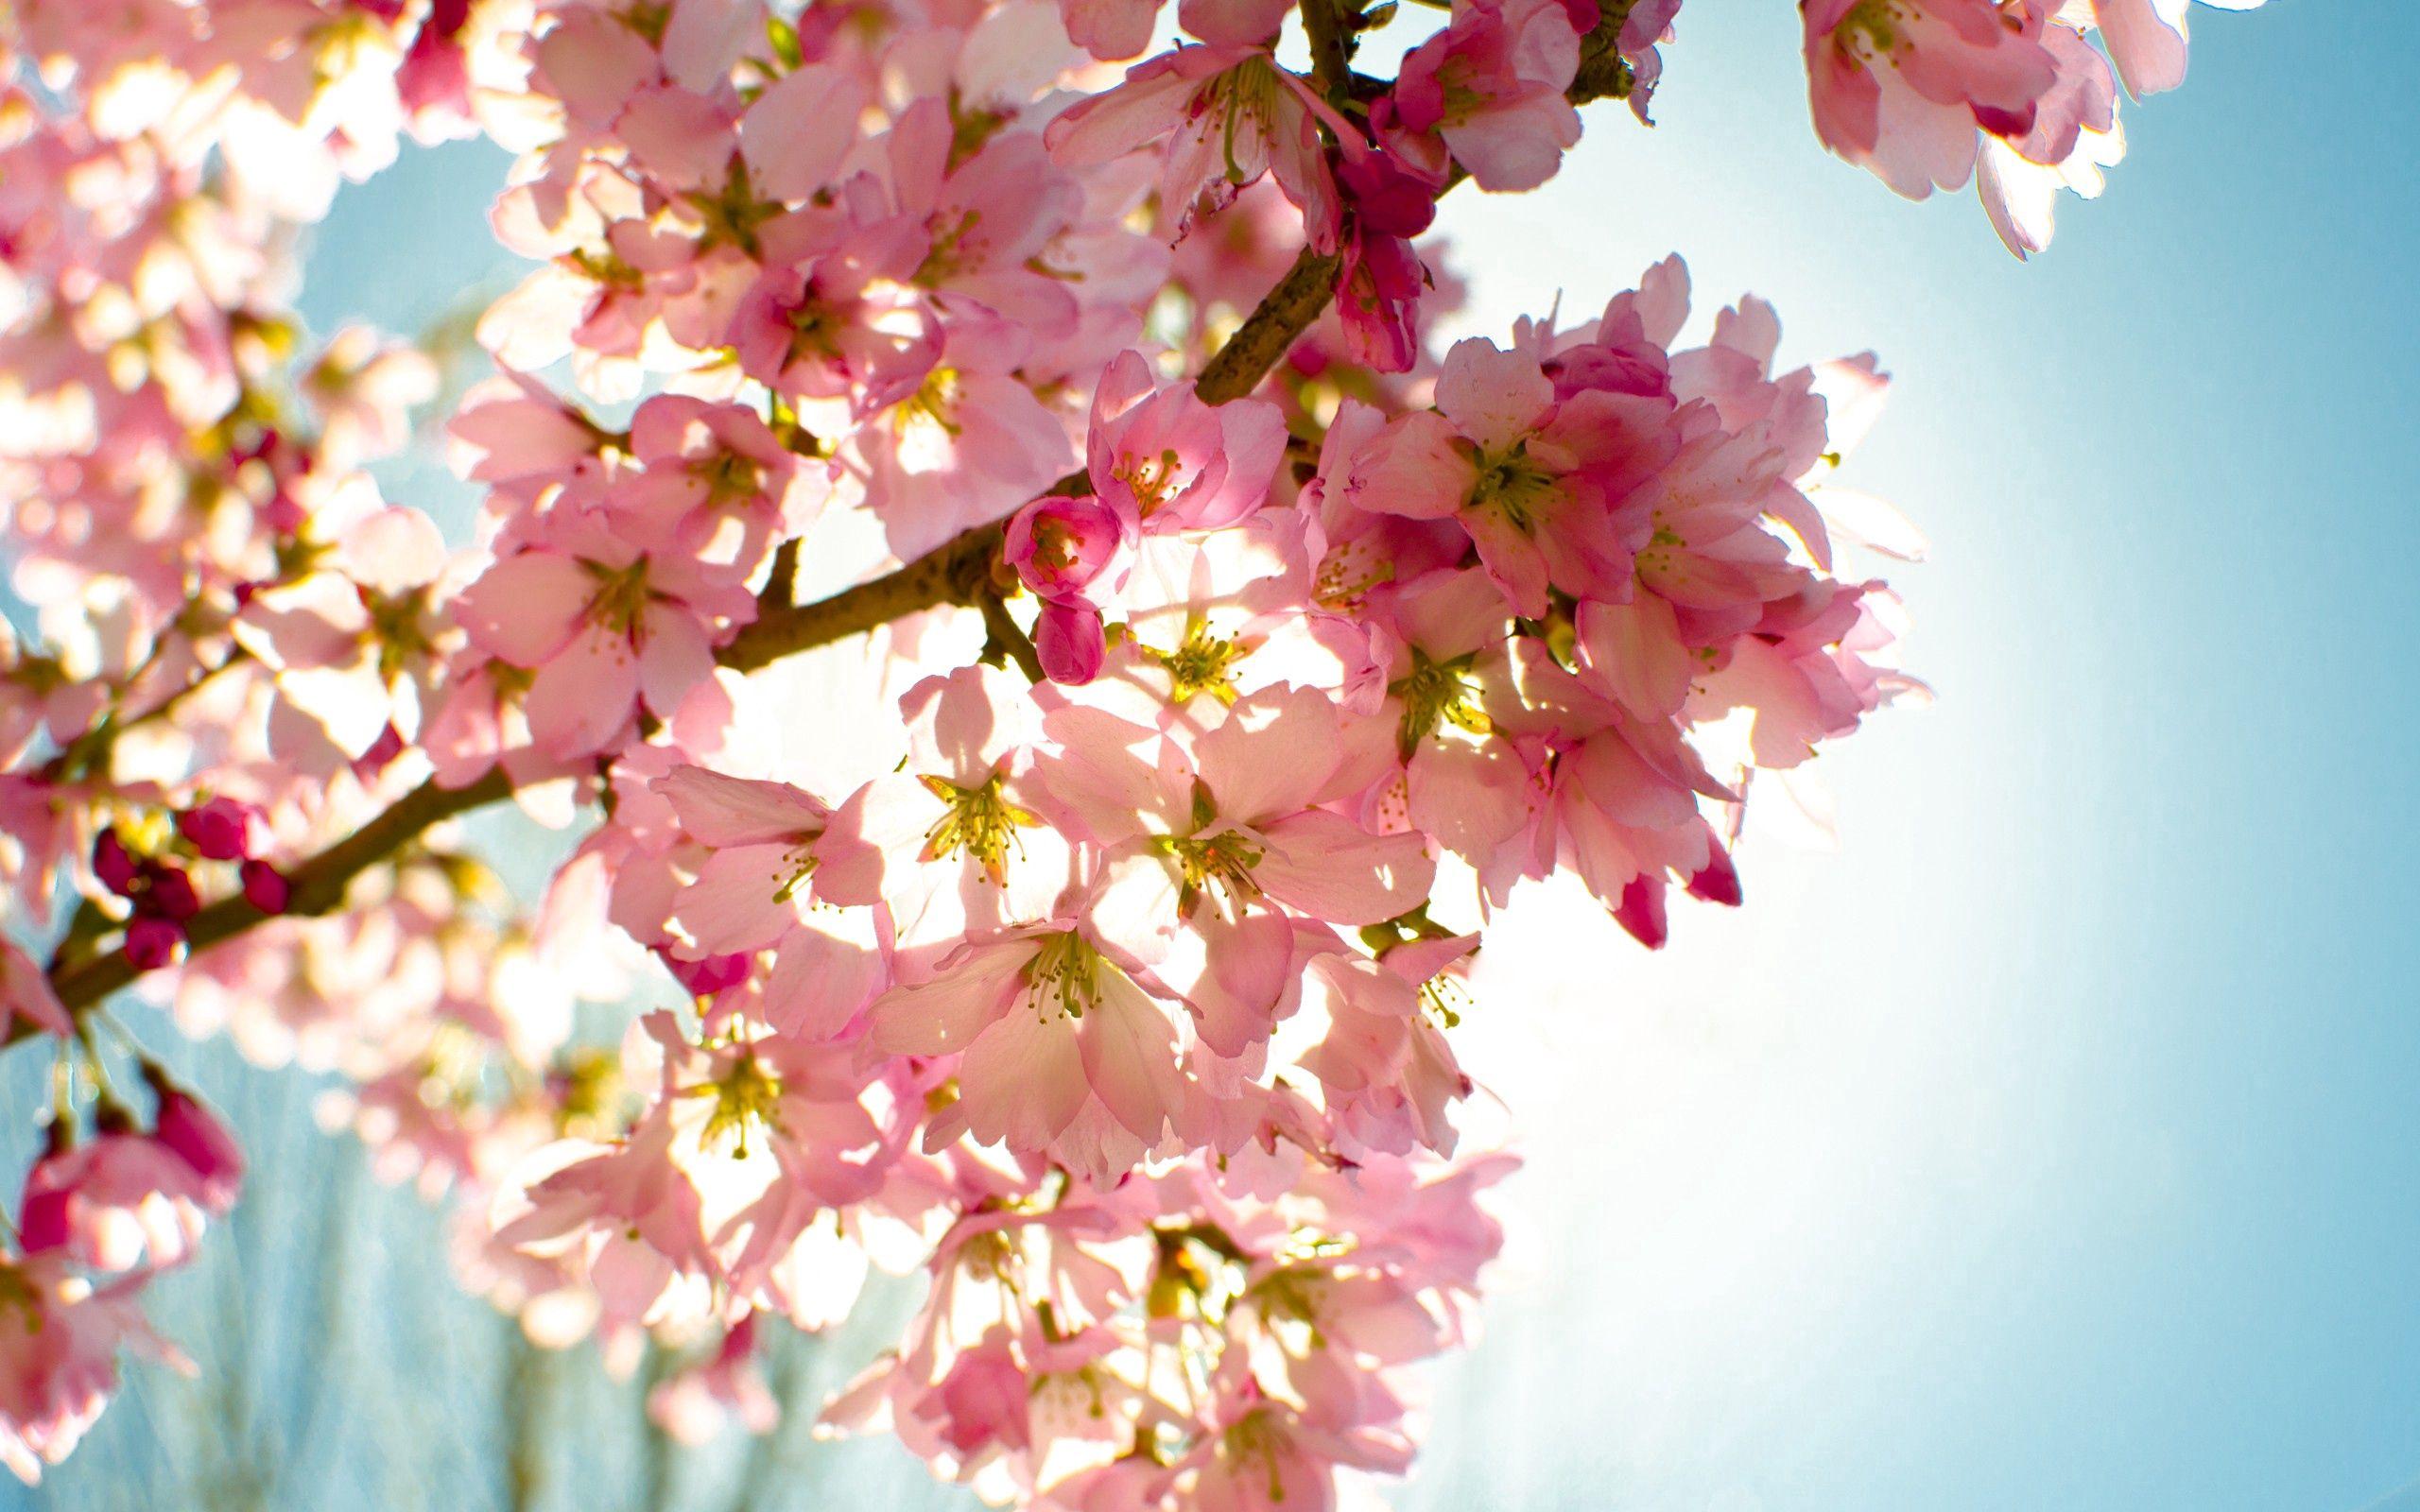 82348 скачать обои Небо, Природа, Свет, Растение, Цветение, Цветы - заставки и картинки бесплатно